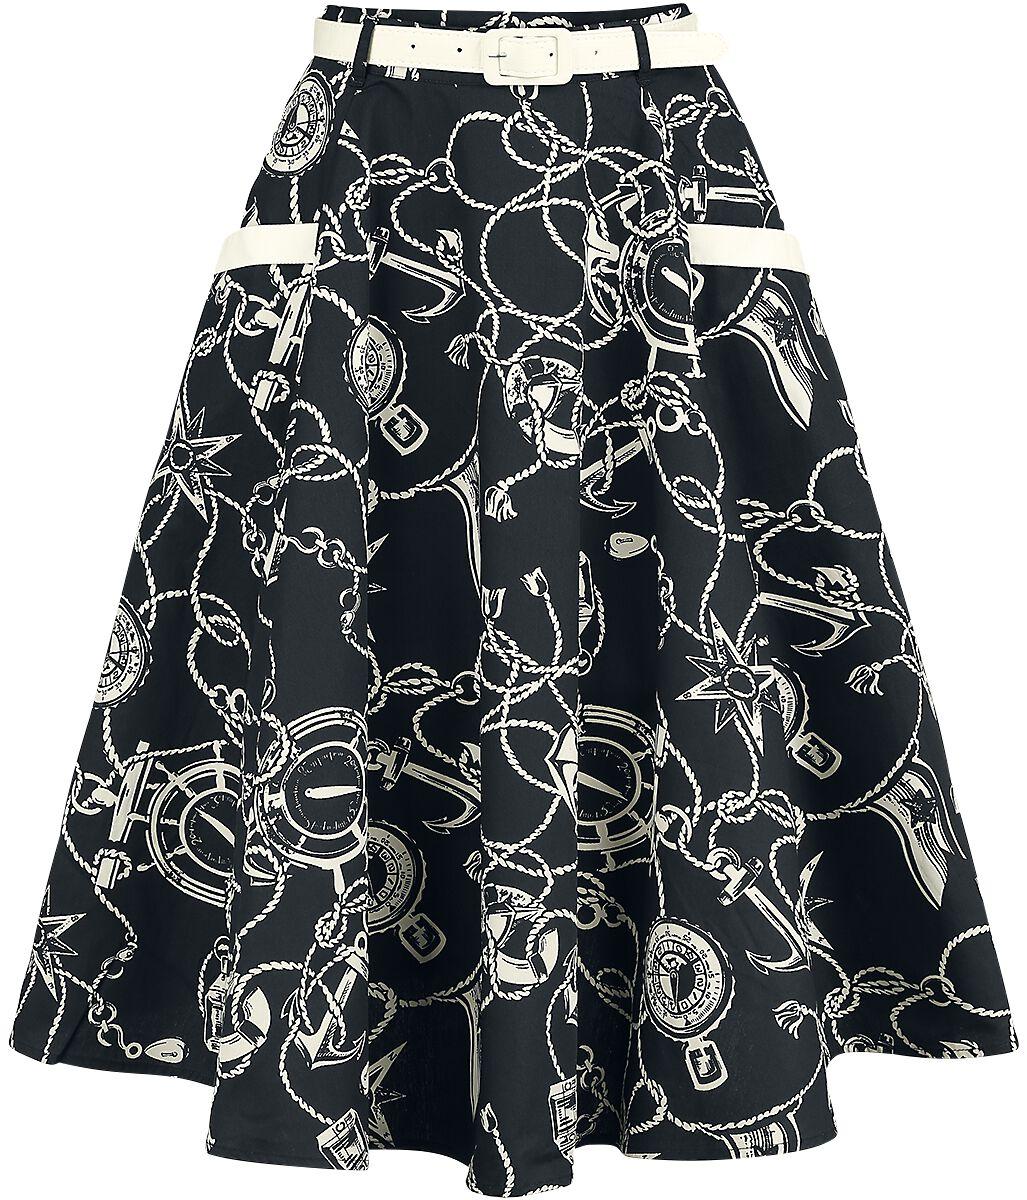 Roecke für Frauen - Hell Bunny Mistral 50's Skirt Rock schwarz  - Onlineshop EMP